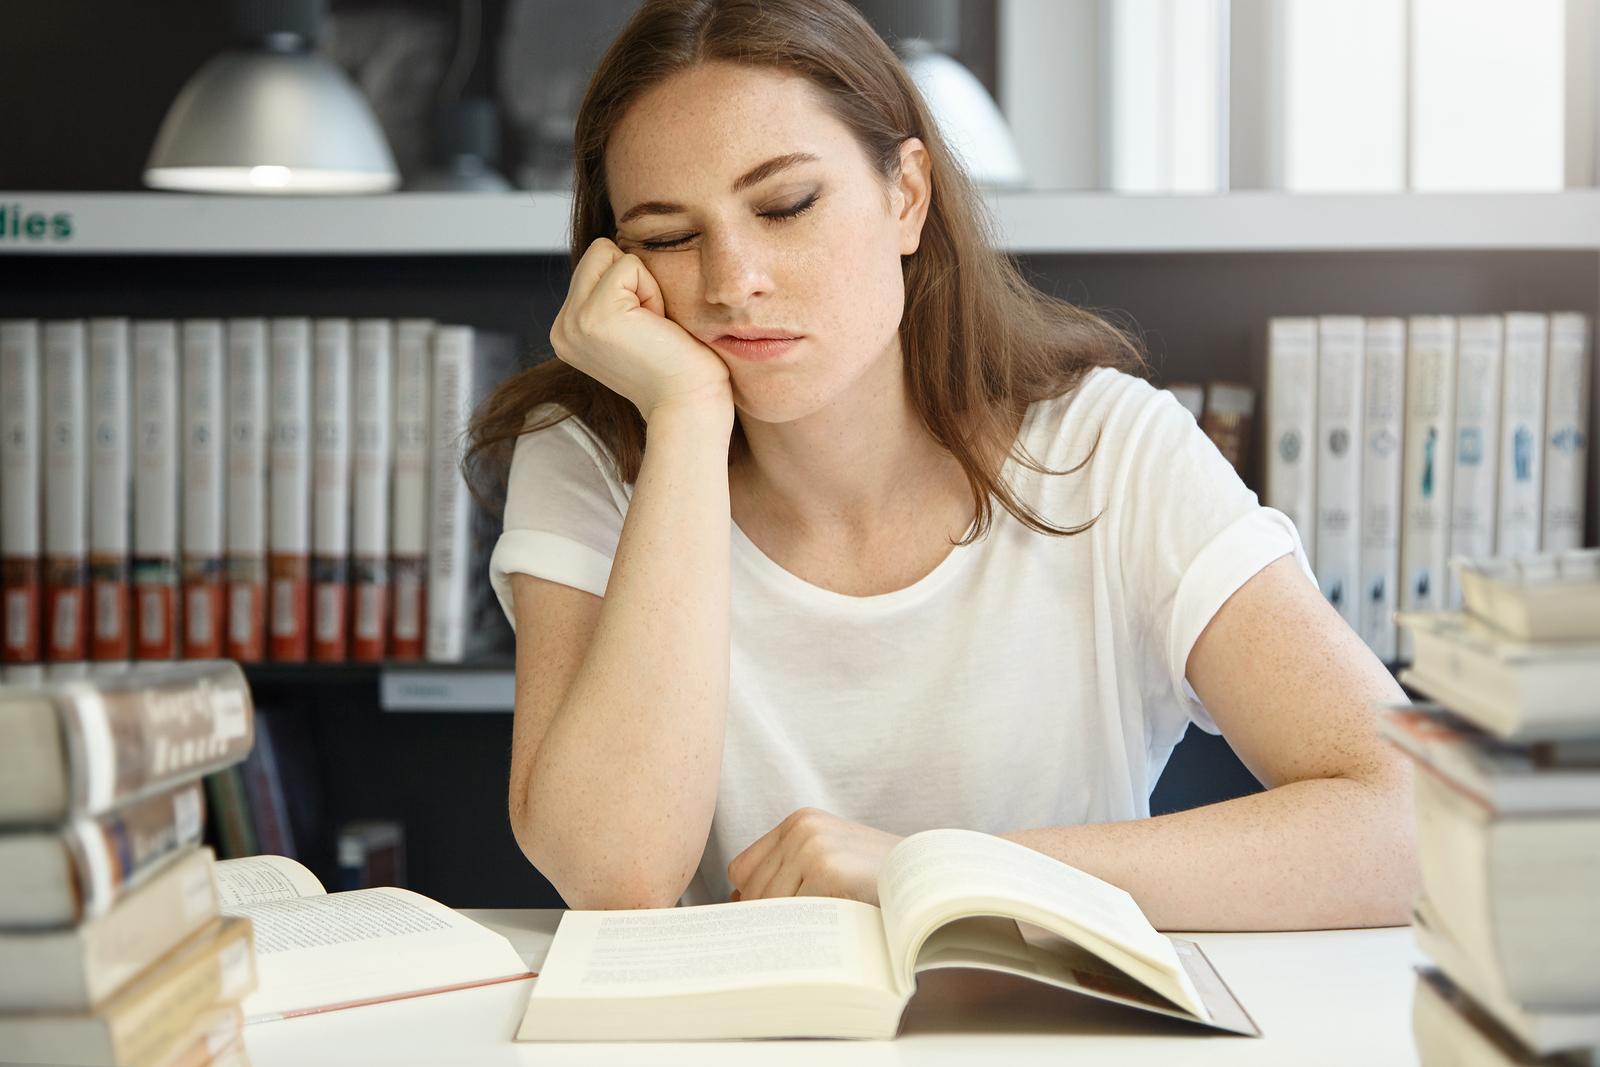 Bạn cần có một tâm lý thoải mái nếu muốn học thuộc nhanh